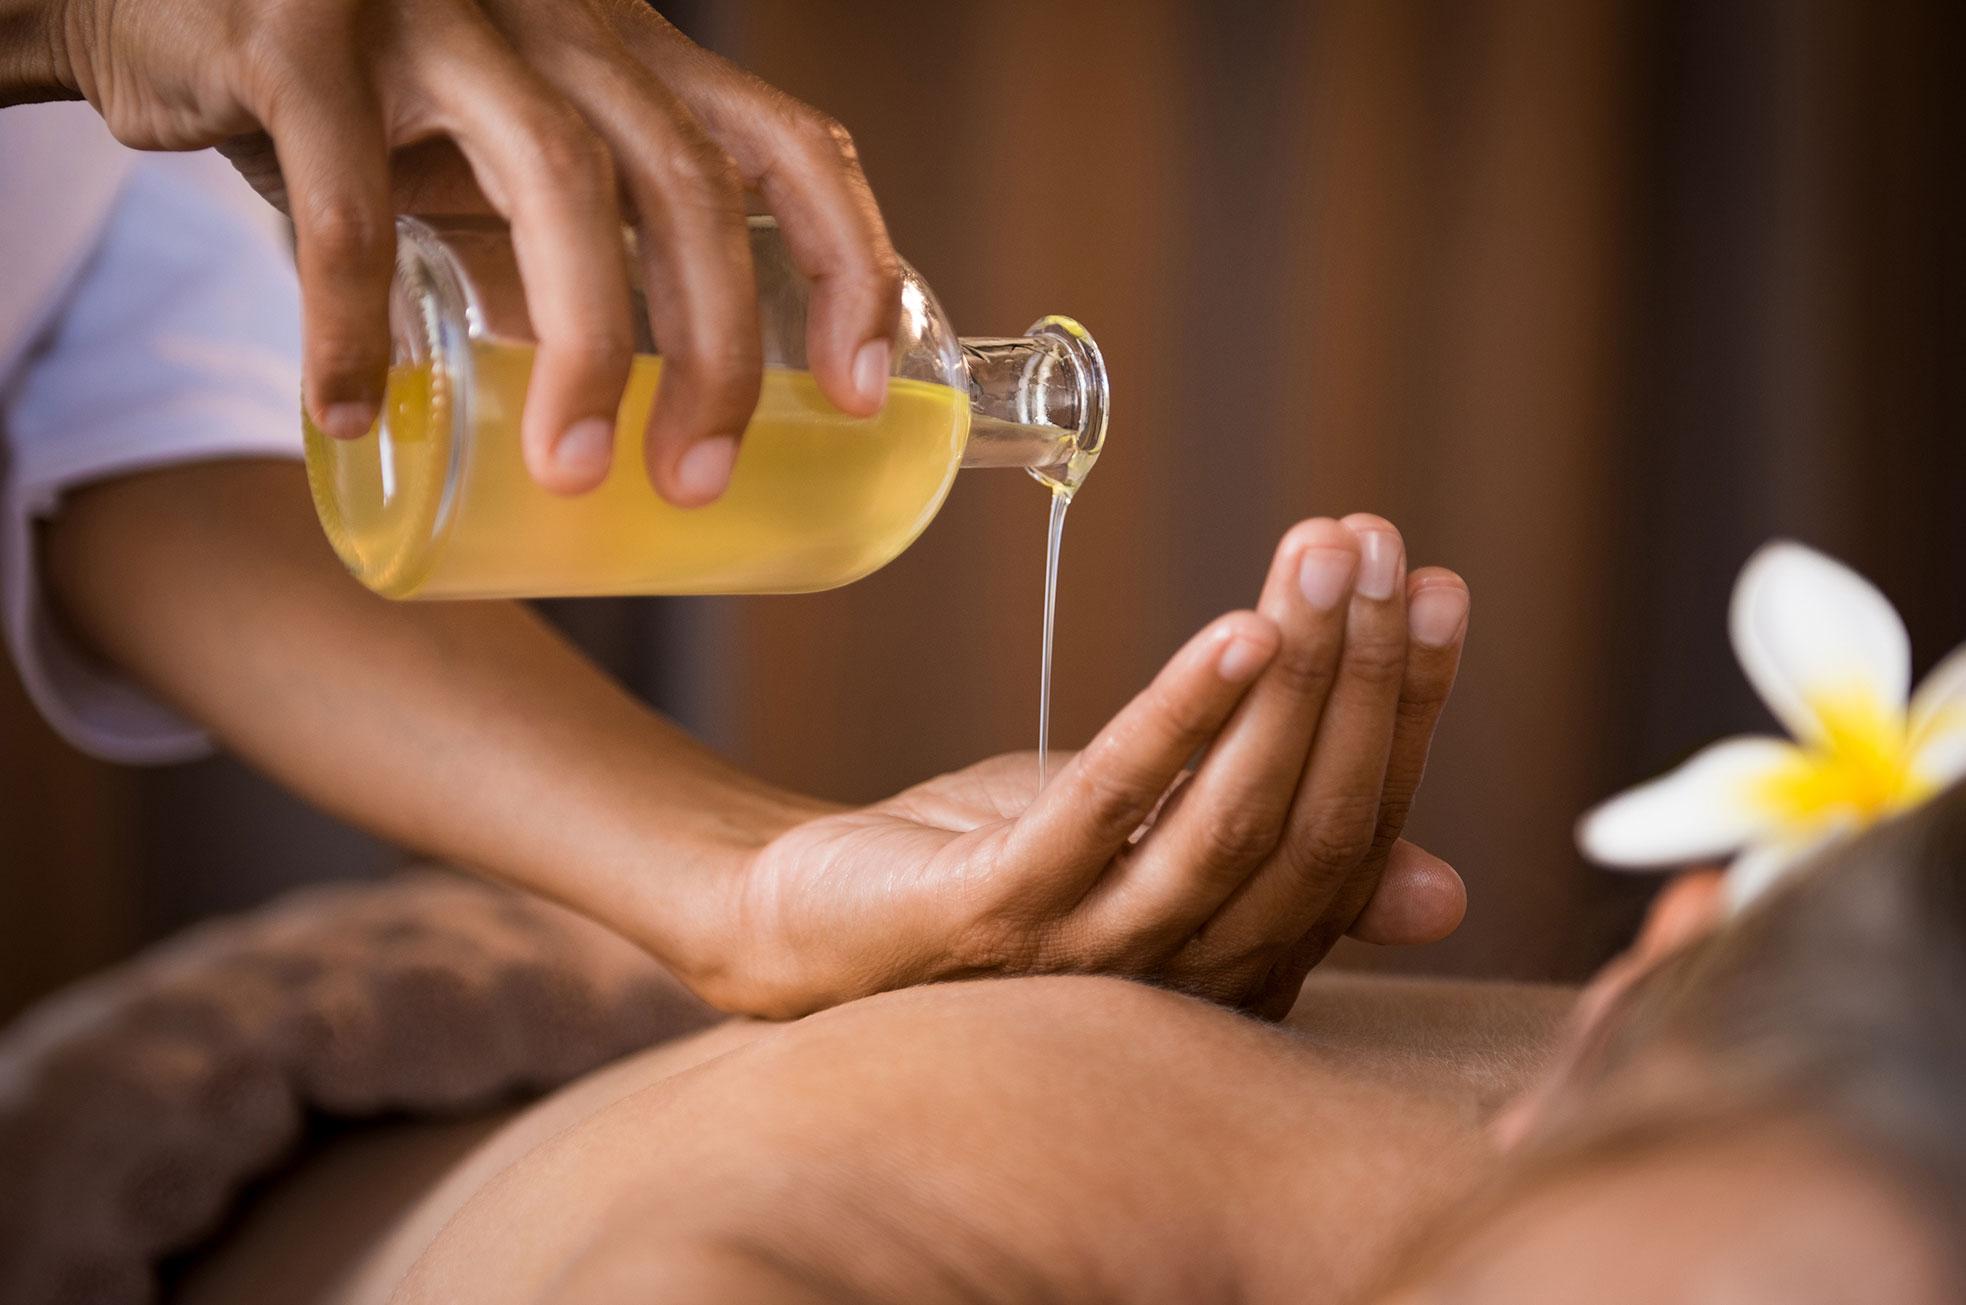 Massageurin lässt Öl in die Hand fließen